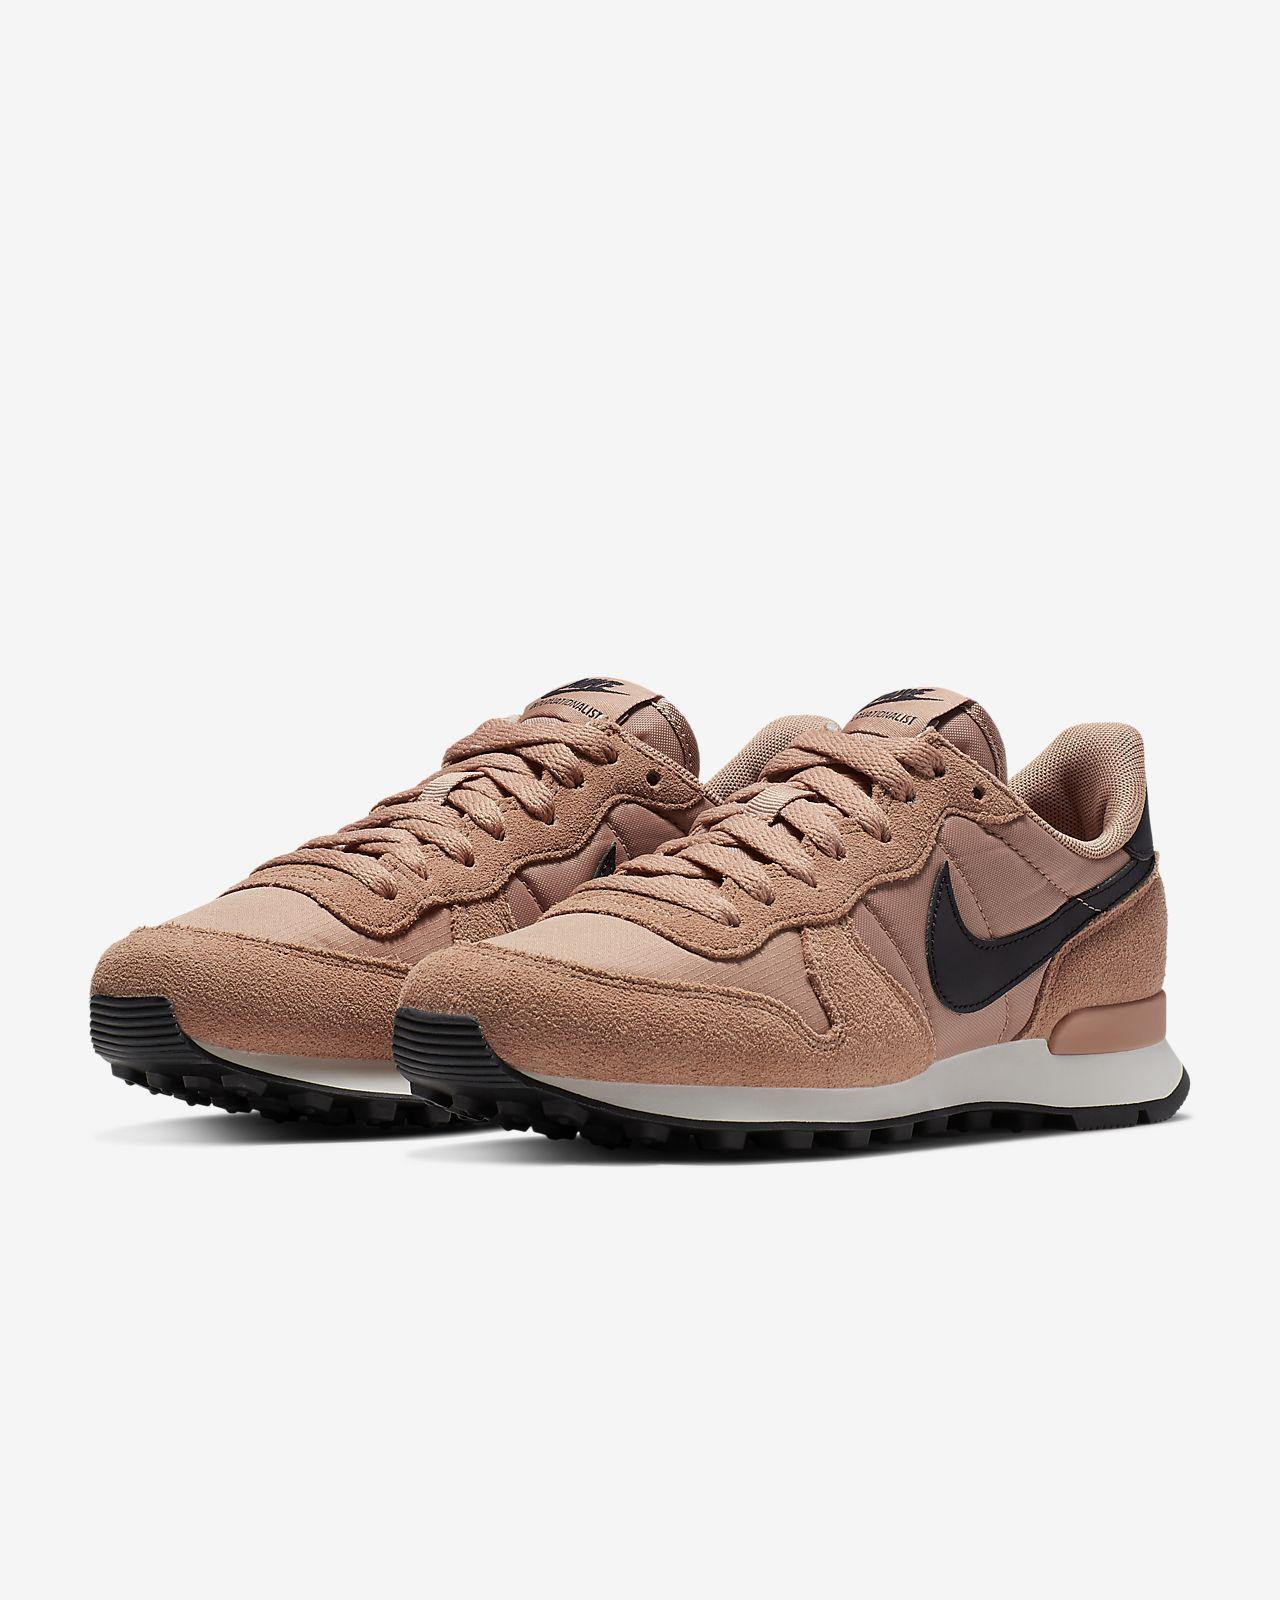 best website 58b9f 8d8e5 Low Resolution Nike Internationalist Women s Shoe Nike Internationalist  Women s Shoe